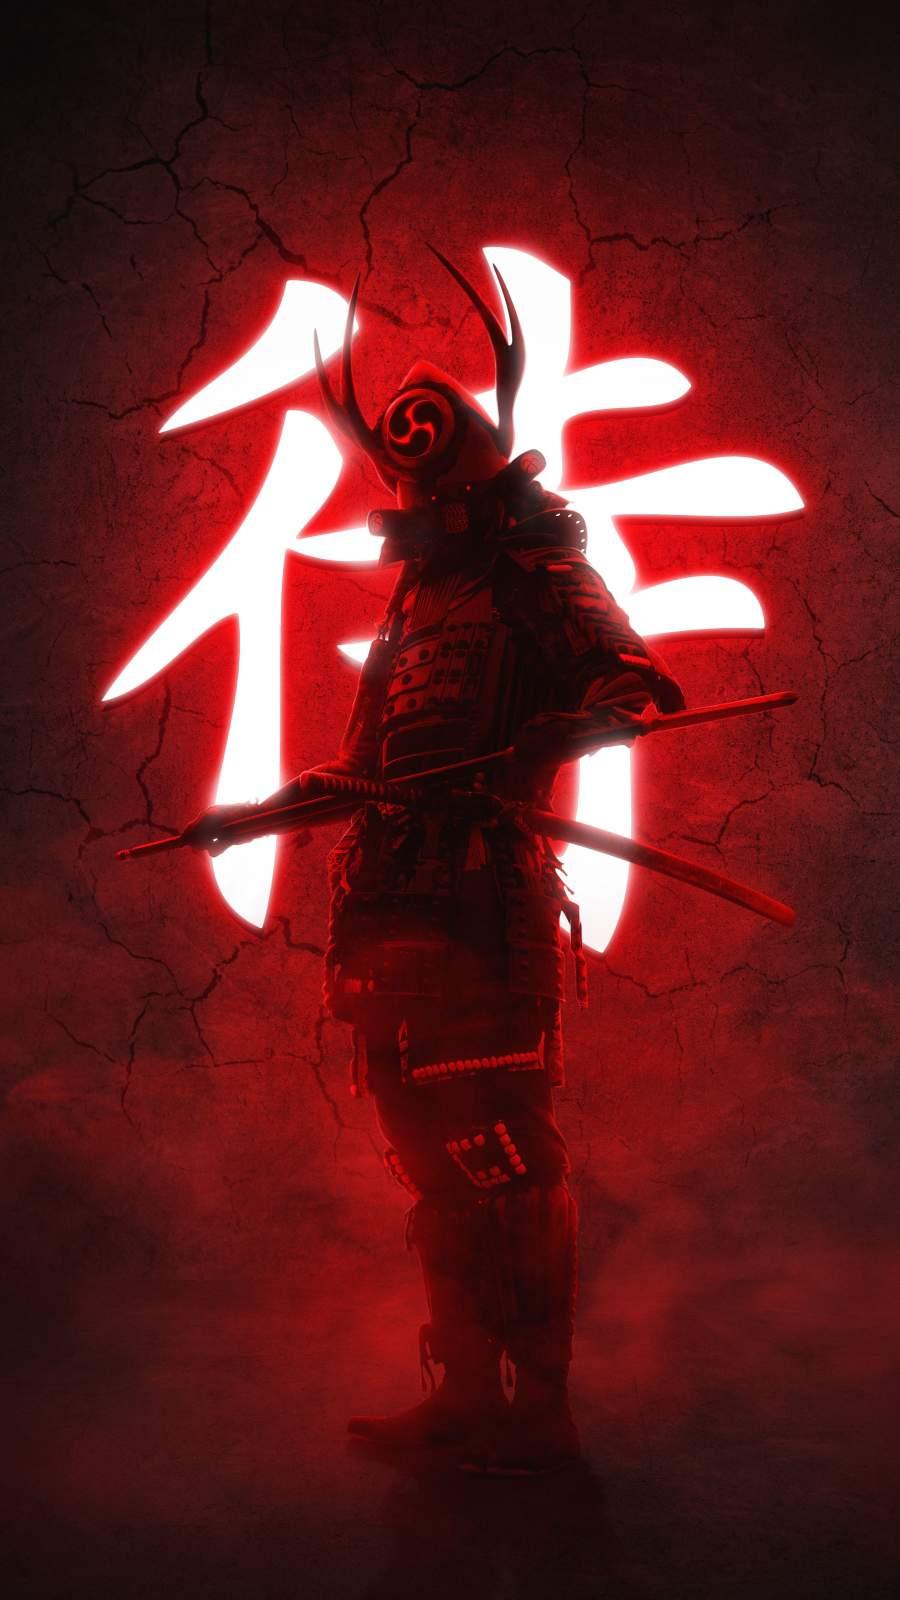 Ninja Warrior iPhone Wallpaper